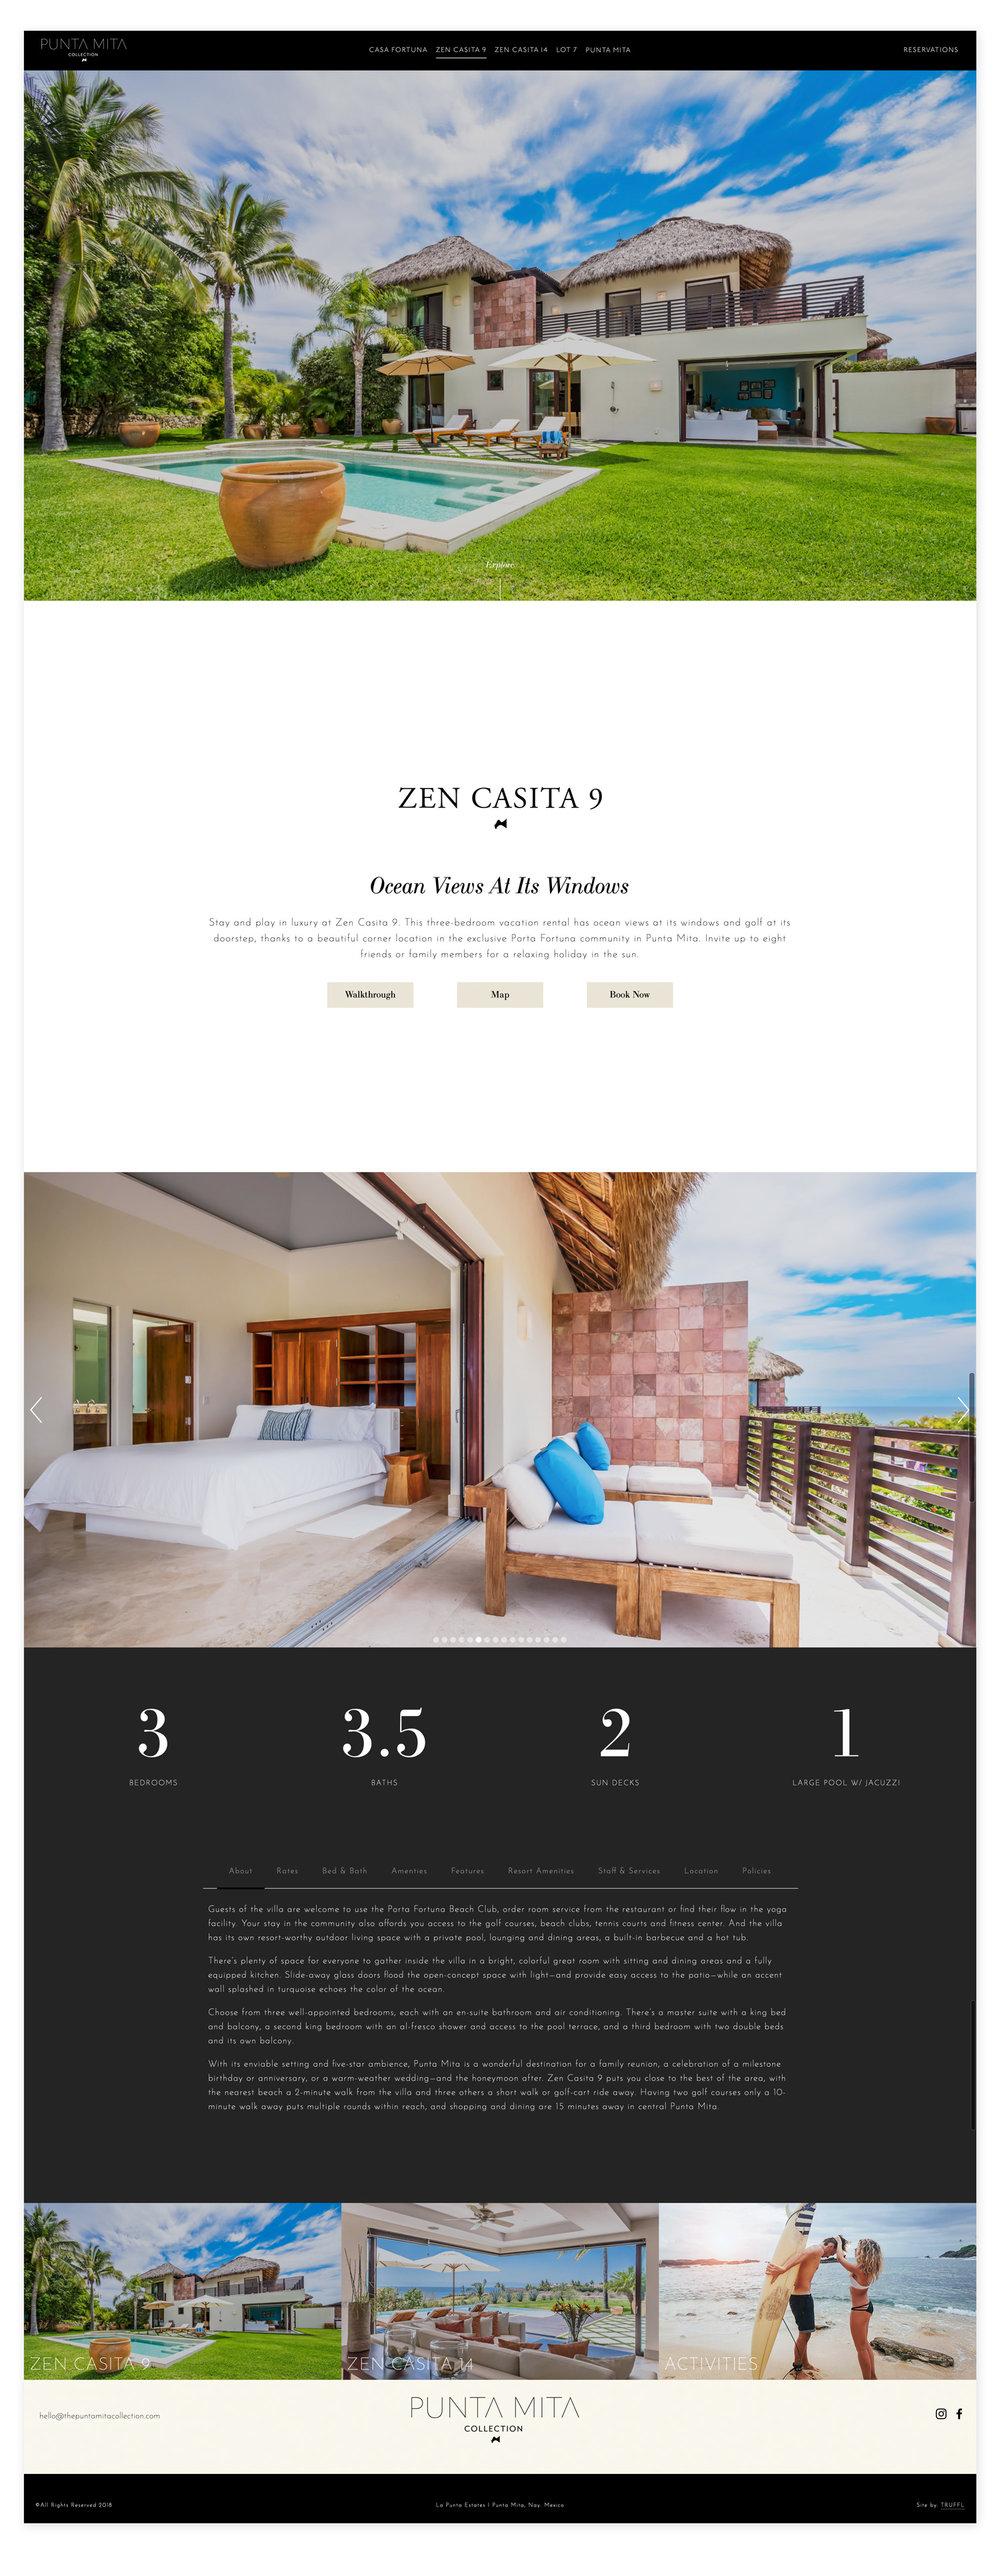 Properties -